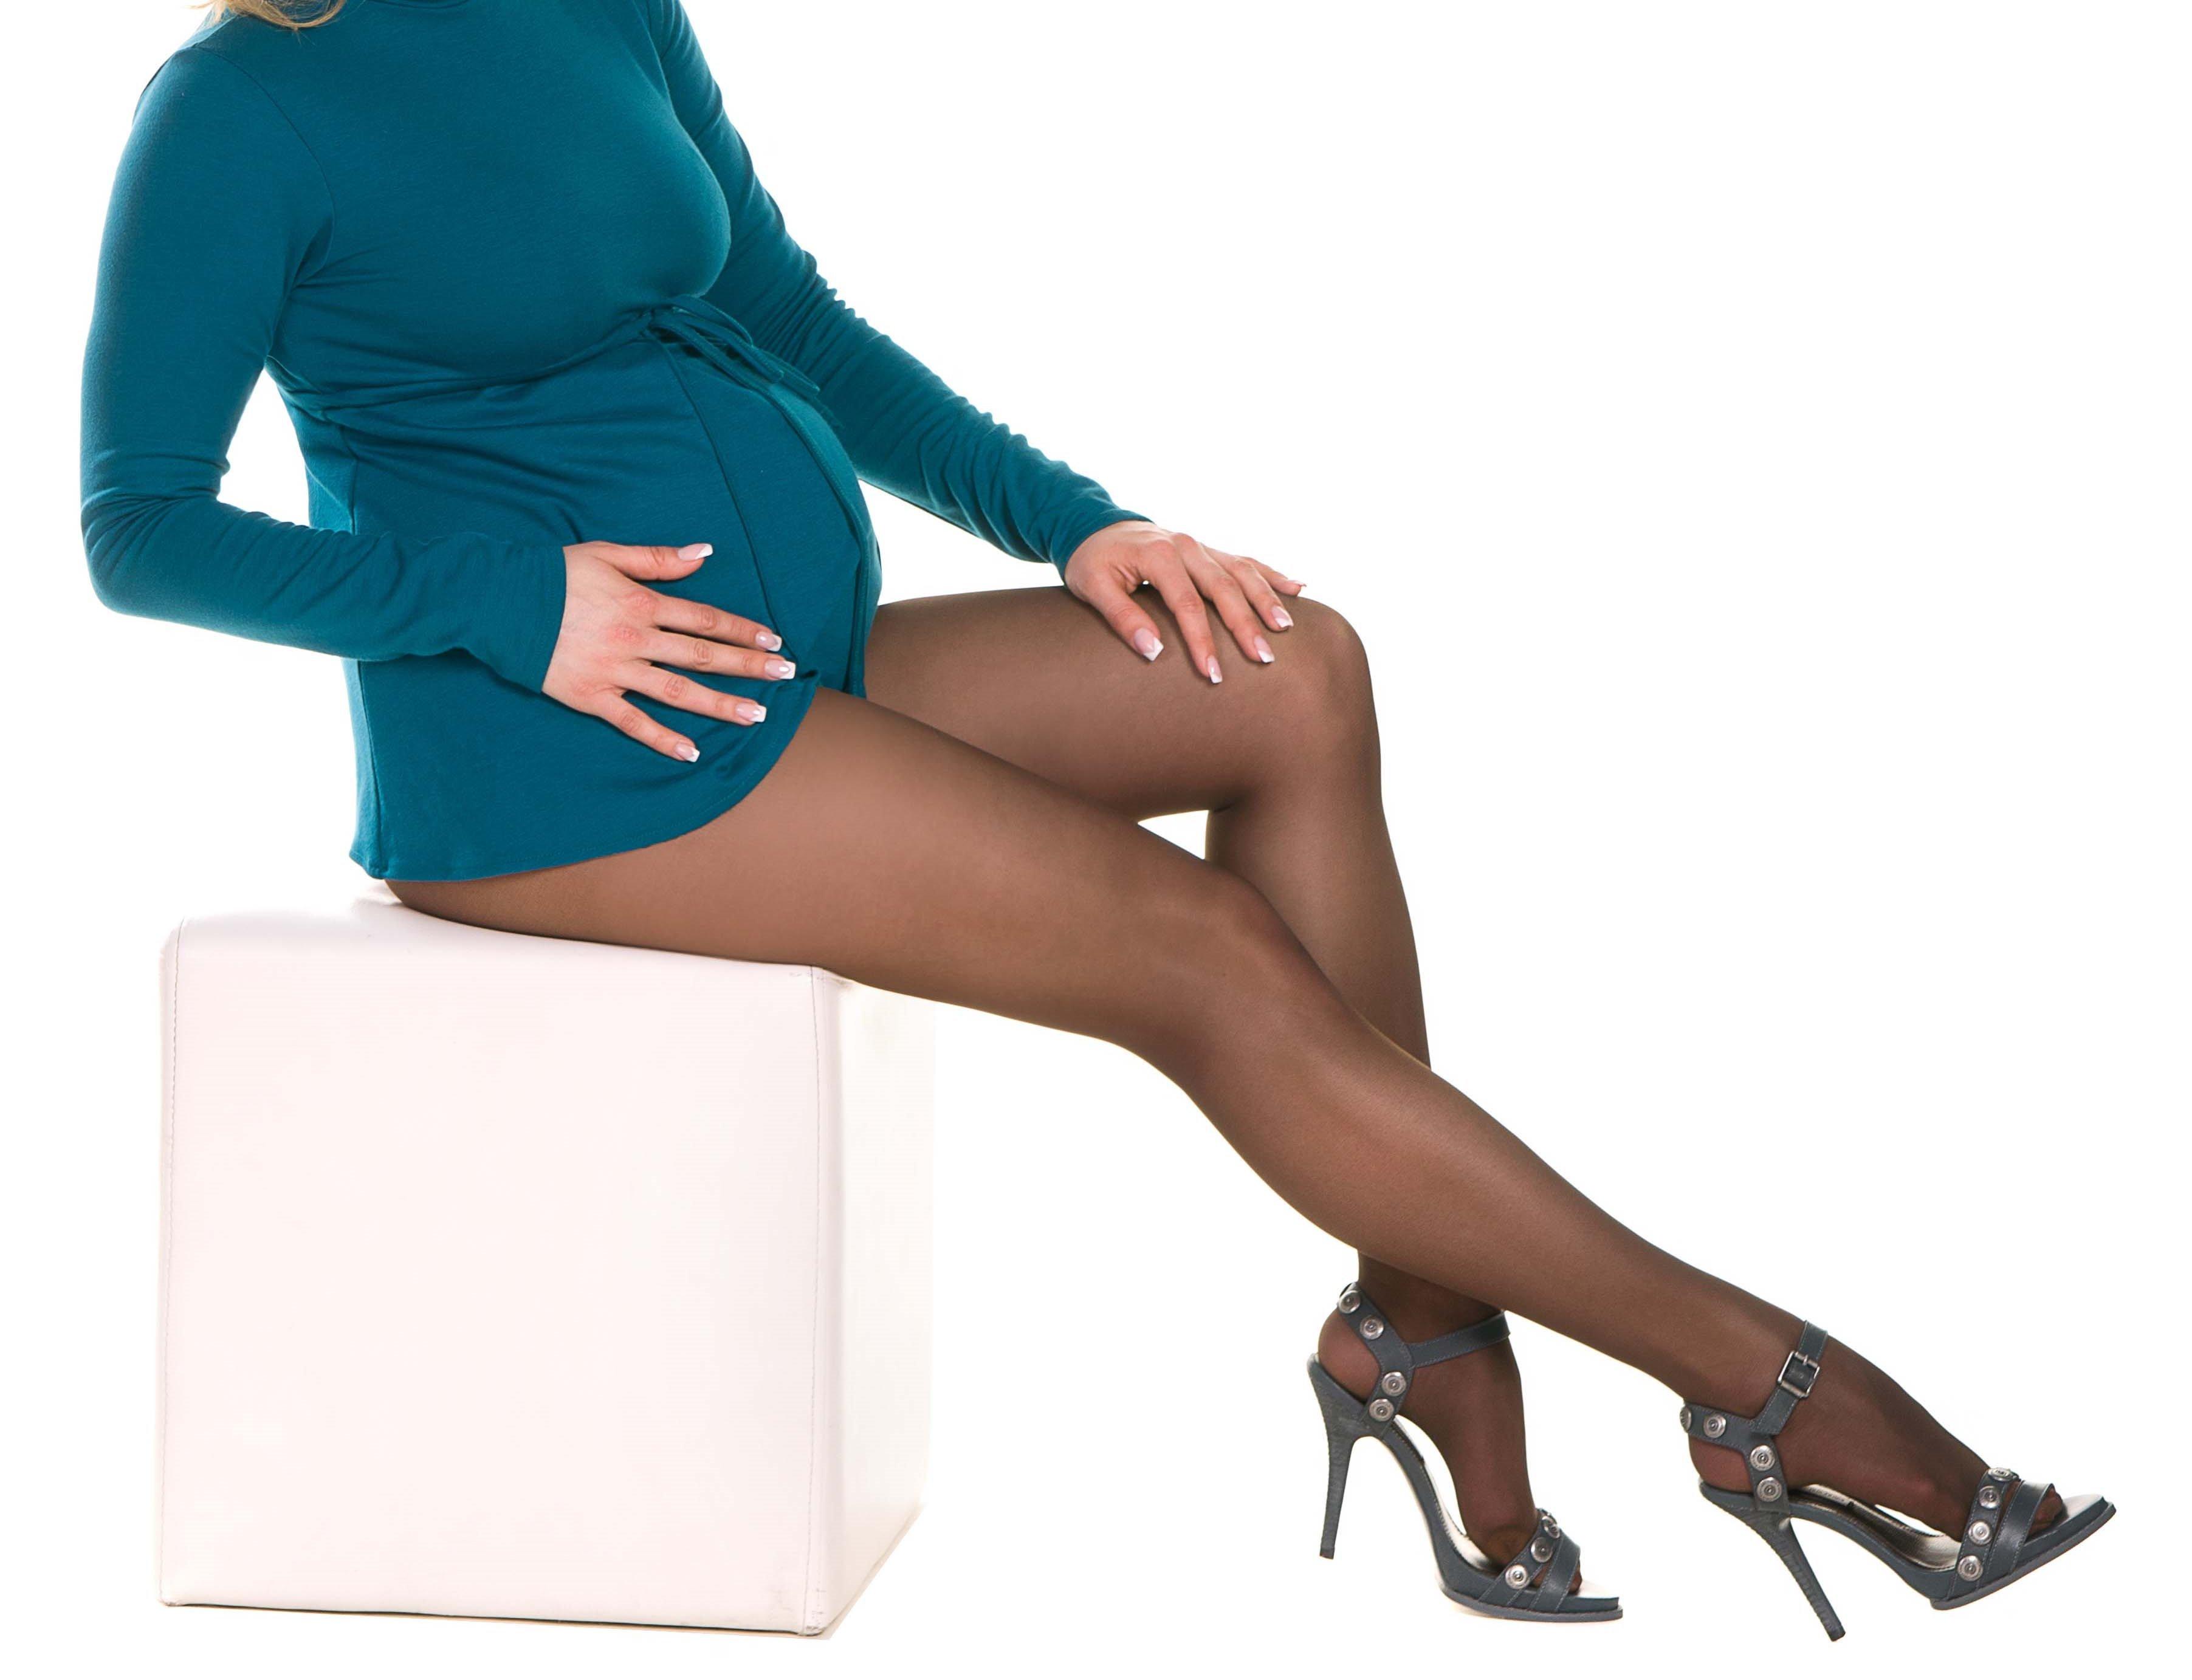 Колготки для беременных MammaLux fitnes с утяжкой по ноге 40 den капучино, 715